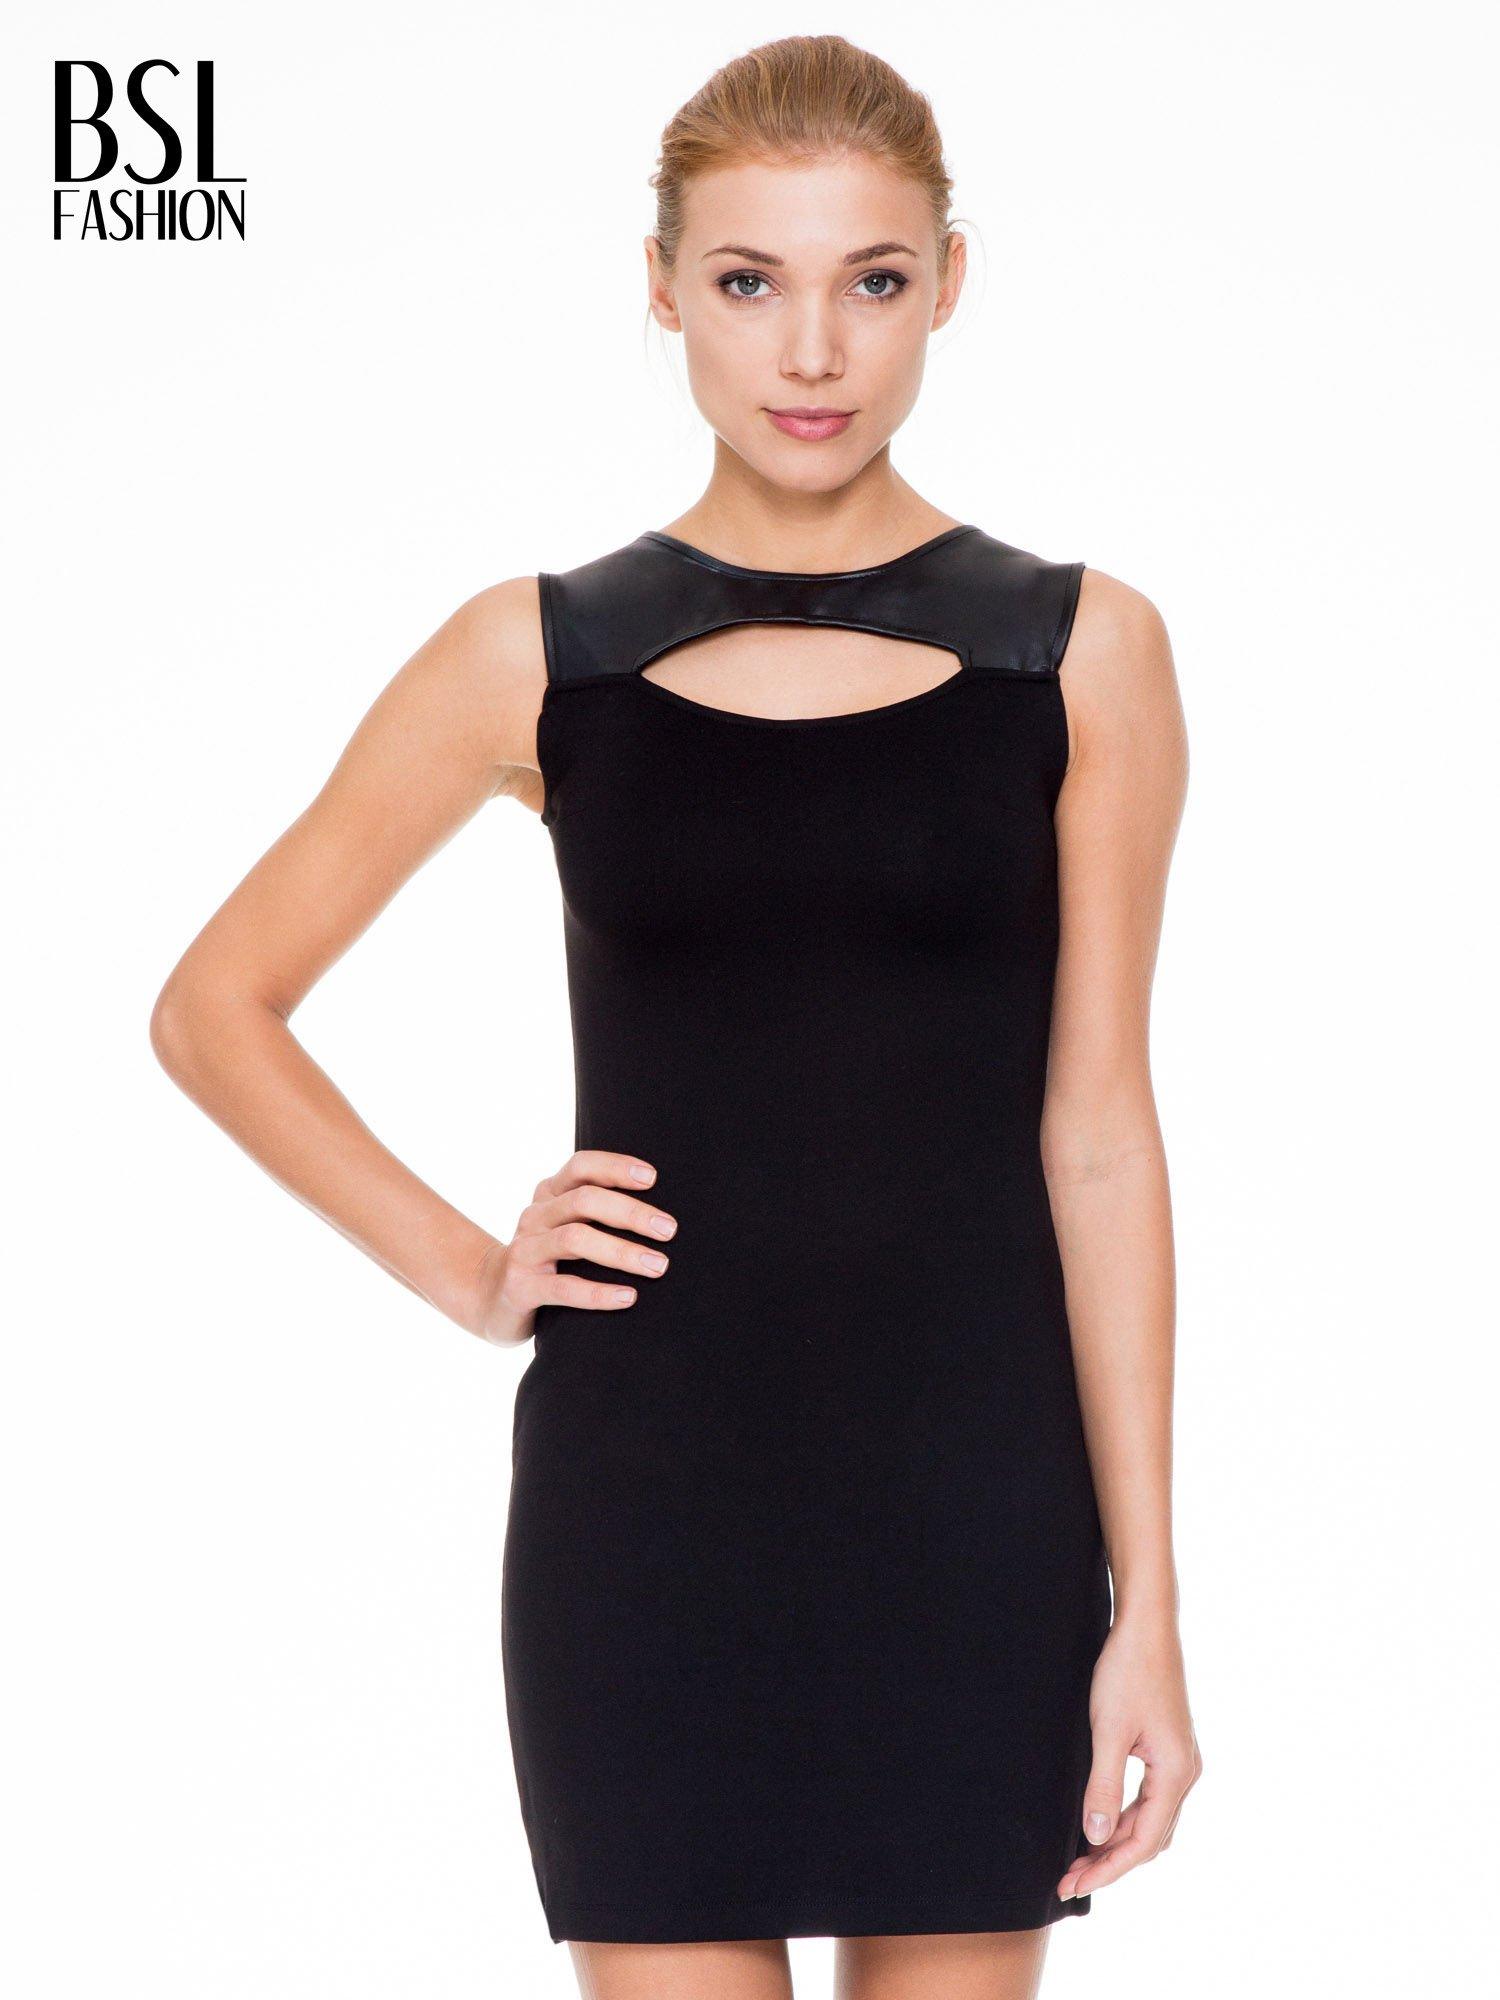 3f5445ce Czarna sukienka ze skórzaną górą i dekoltem typu cut out